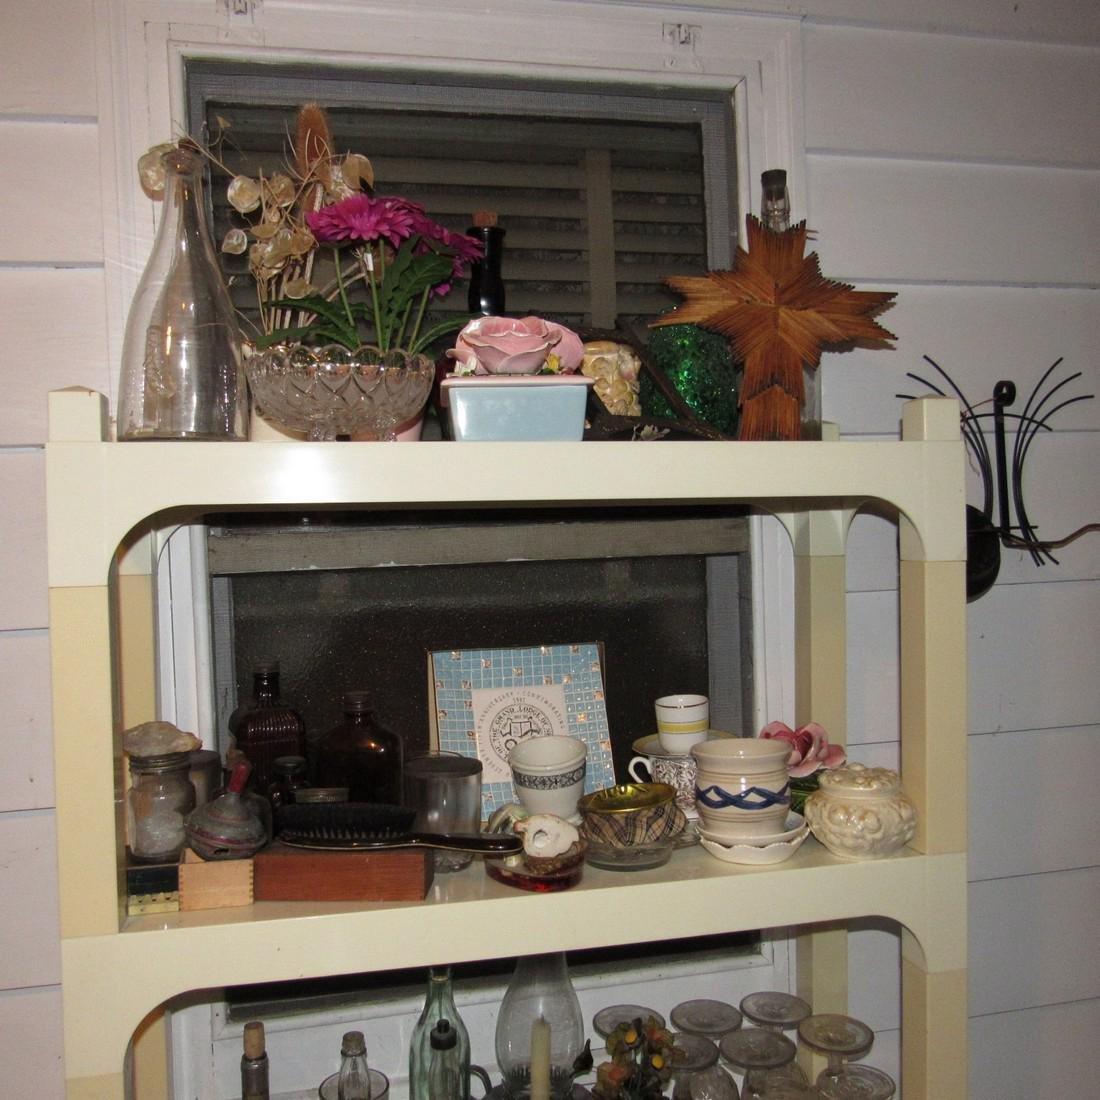 Shelf & Floor Contents Knick Knacks Glassware - 2